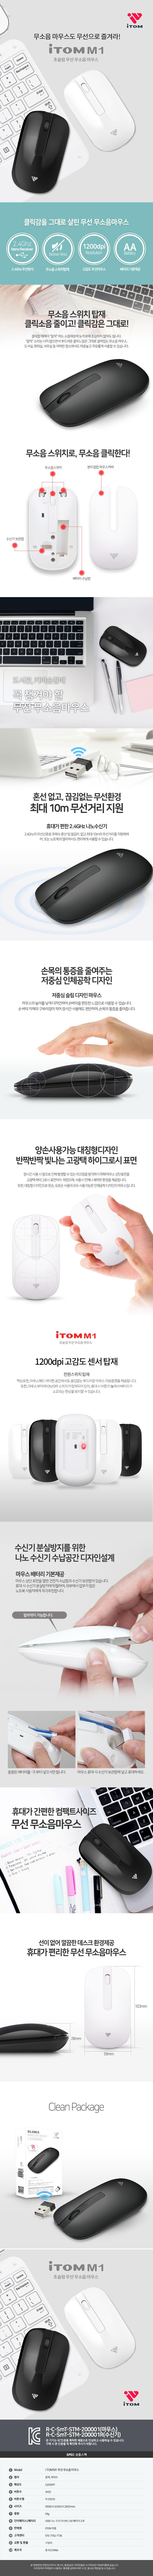 매니악 Itom M1 무선 무소음 마우스(화이트)